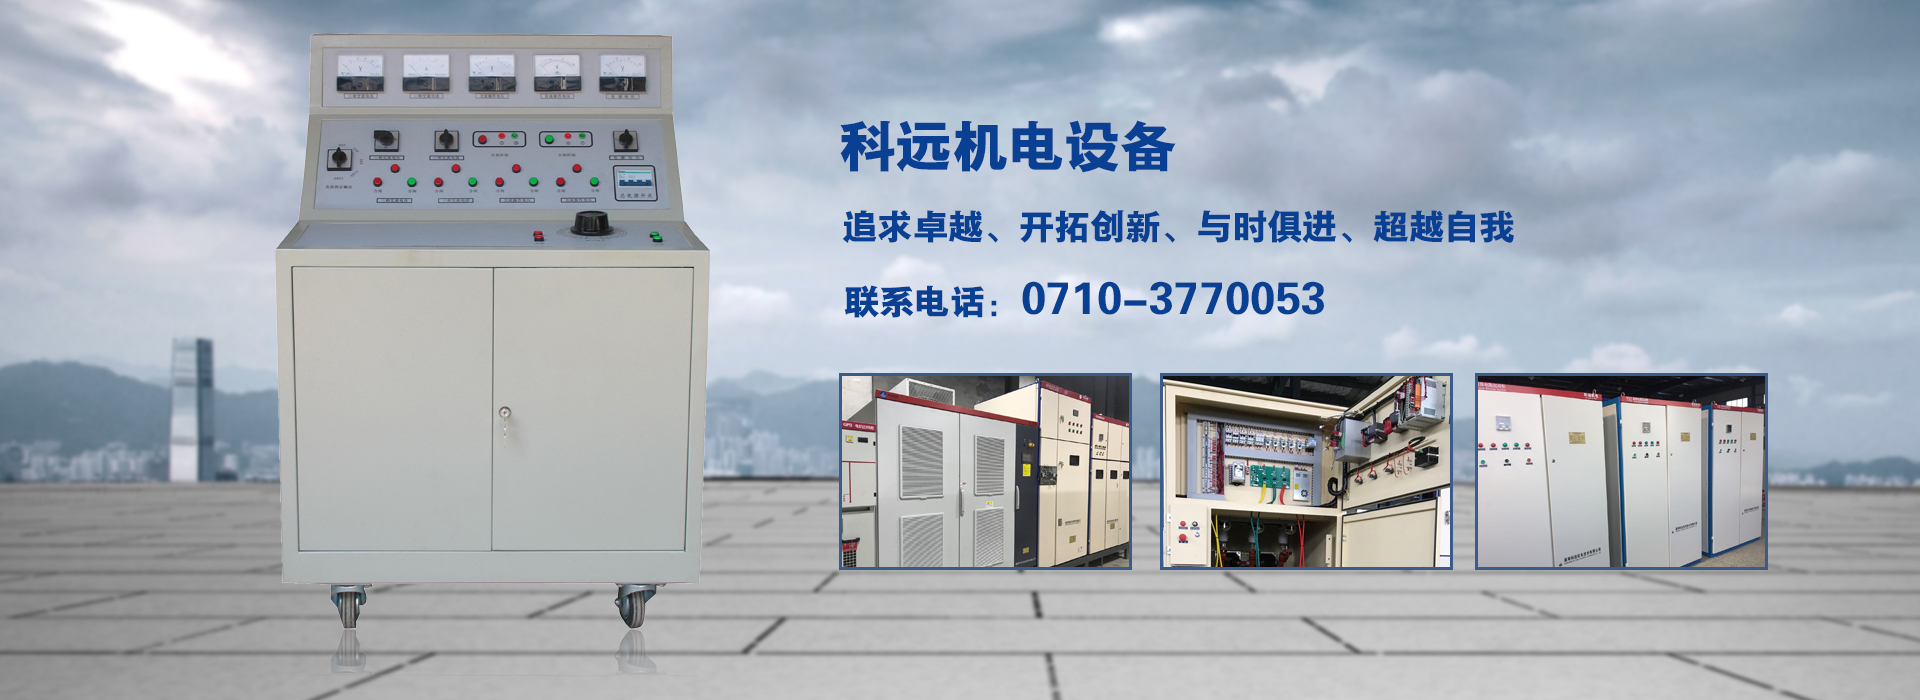 高压电抗起动柜